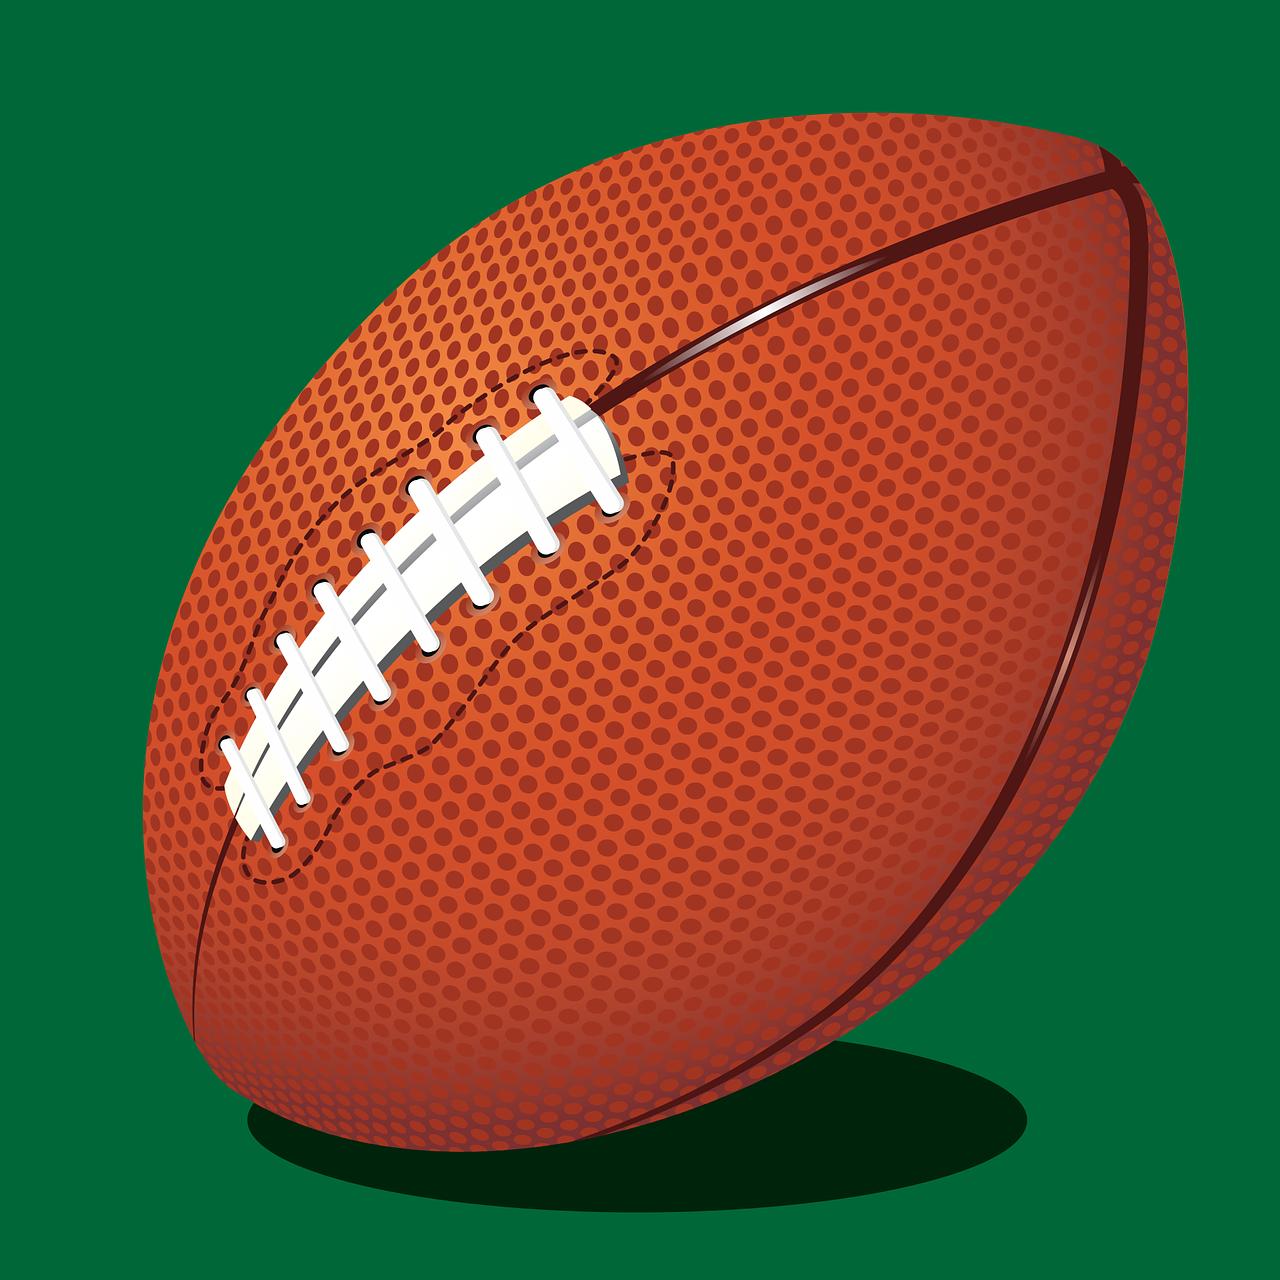 активно картинка с регбийным мячом памятники